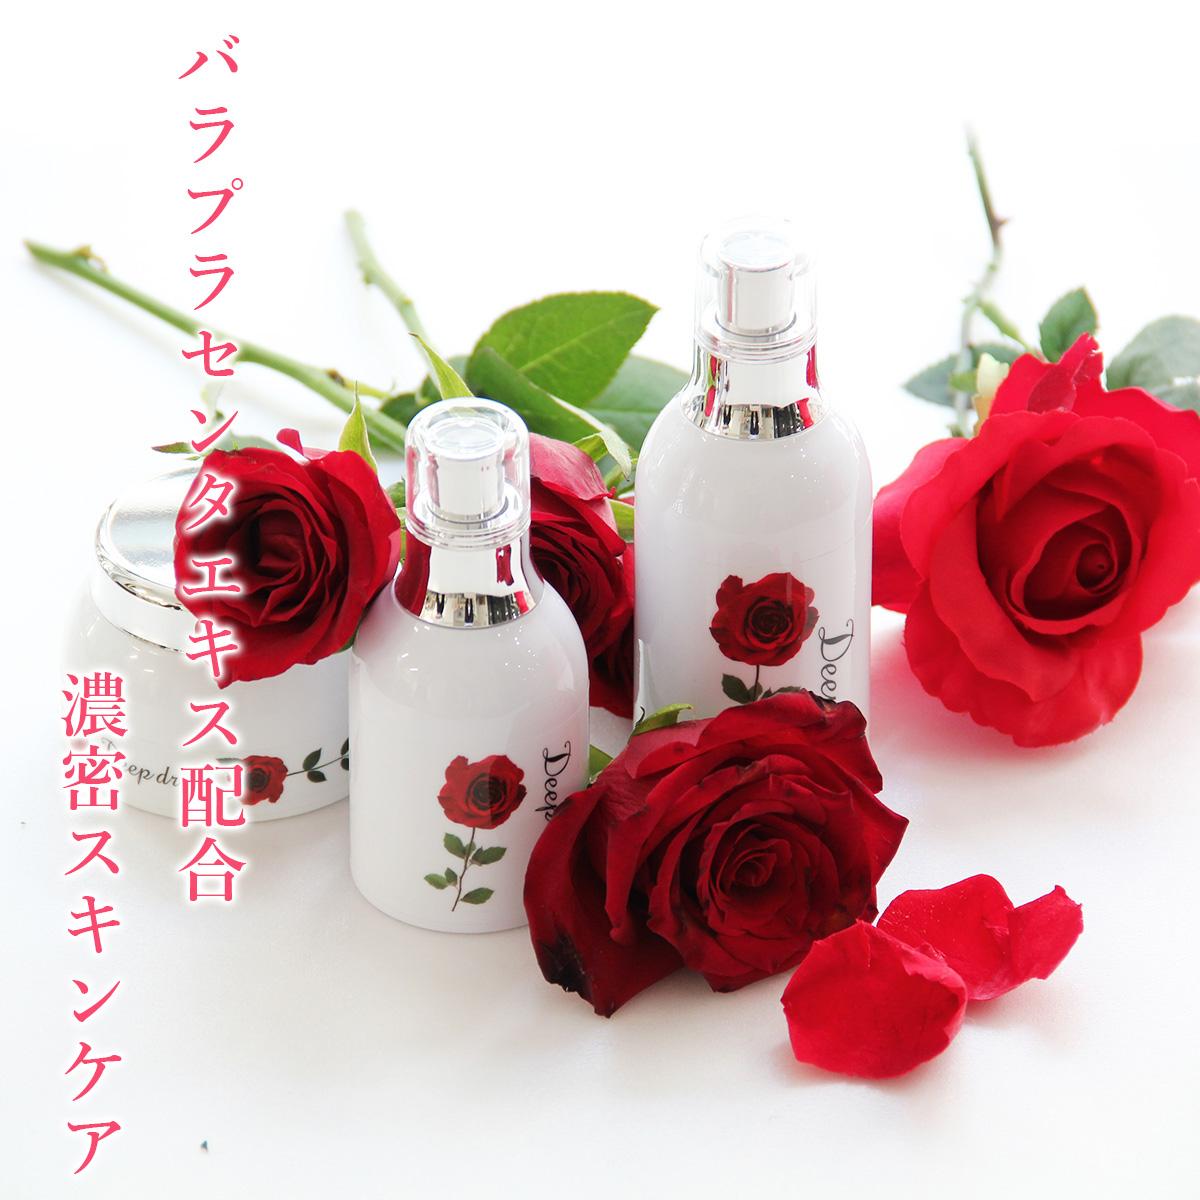 バラプラセンタ配合 CHIECO Deepdrop 化粧水/美容 液/クリーム 3点セット